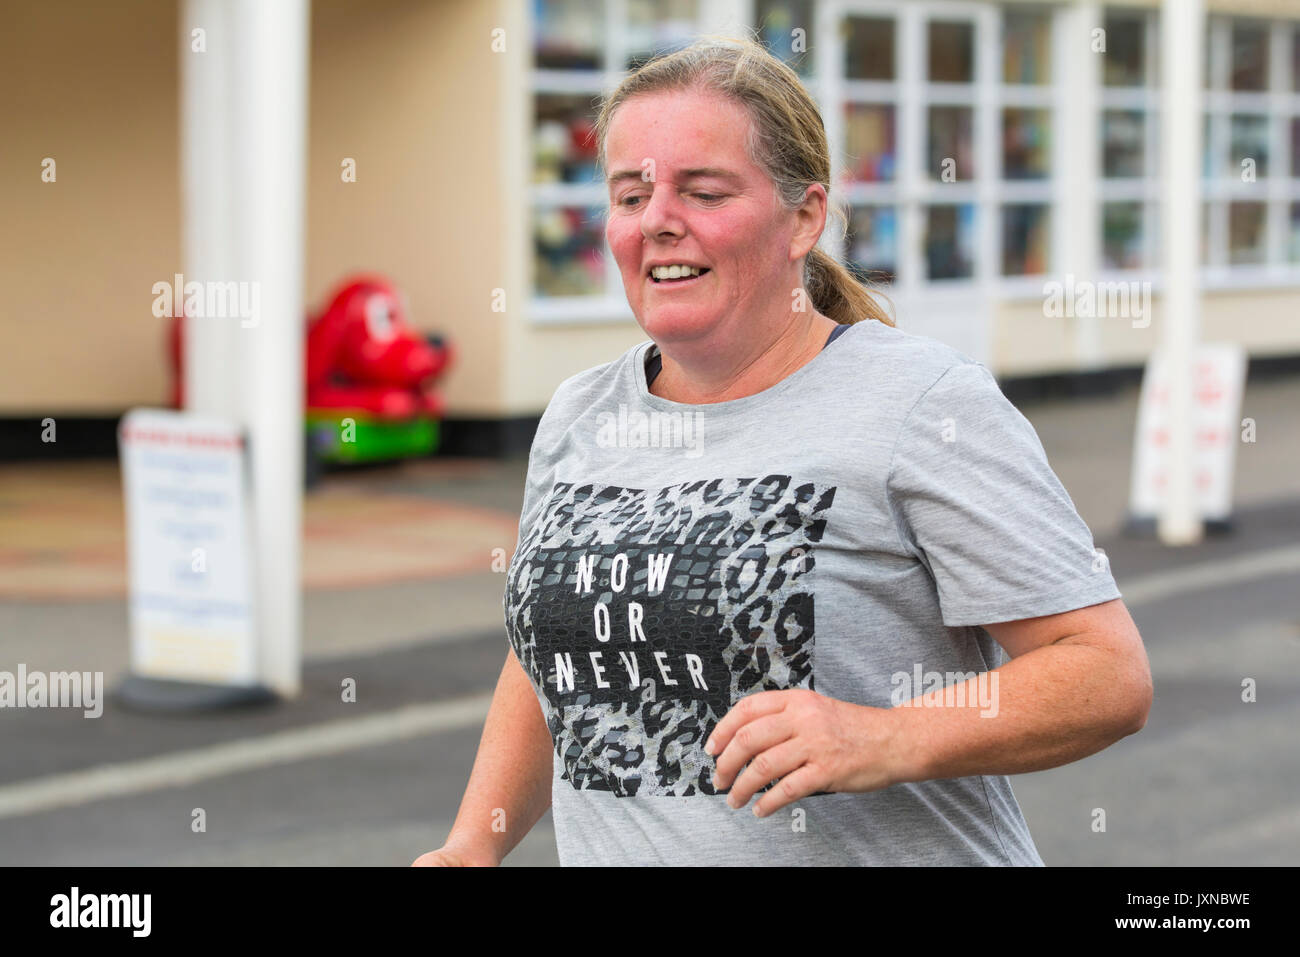 Mujer de mediana edad con sobrepeso ejecutando como parte del plan para perder peso y ponerse en forma, en la vitalidad de Worthing Parkrun evento. Imagen De Stock